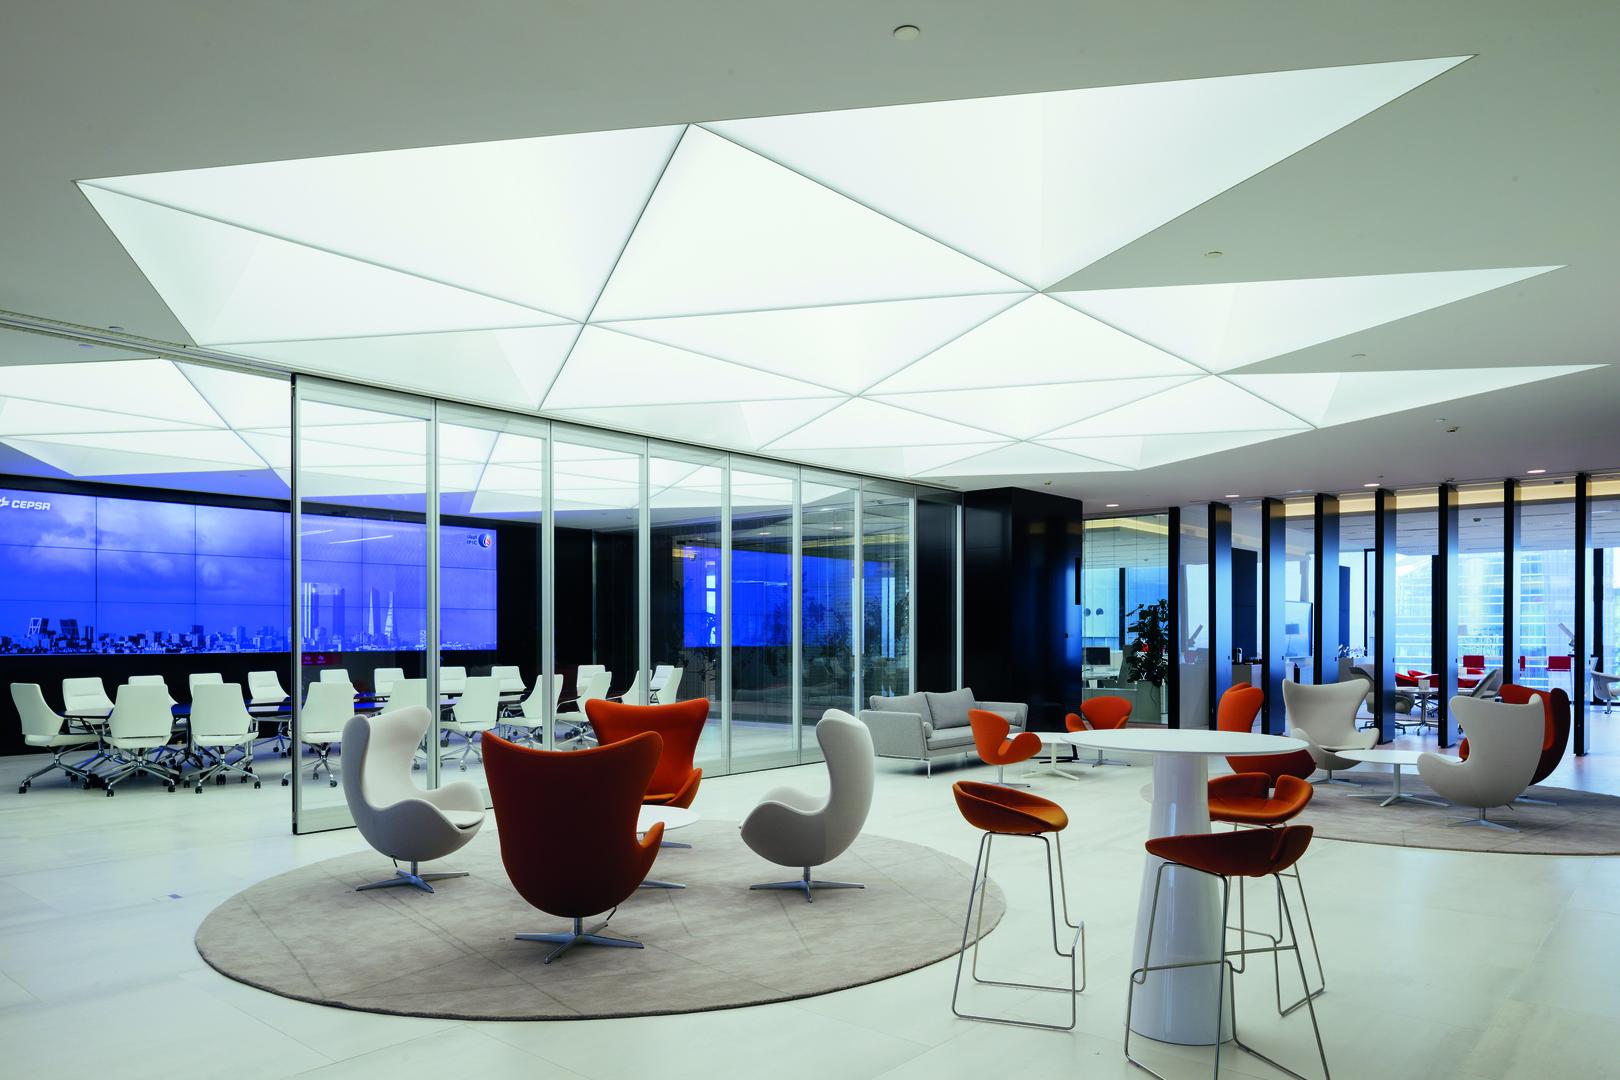 plafond tendu et faux plafond la rochelle ouest plafond. Black Bedroom Furniture Sets. Home Design Ideas